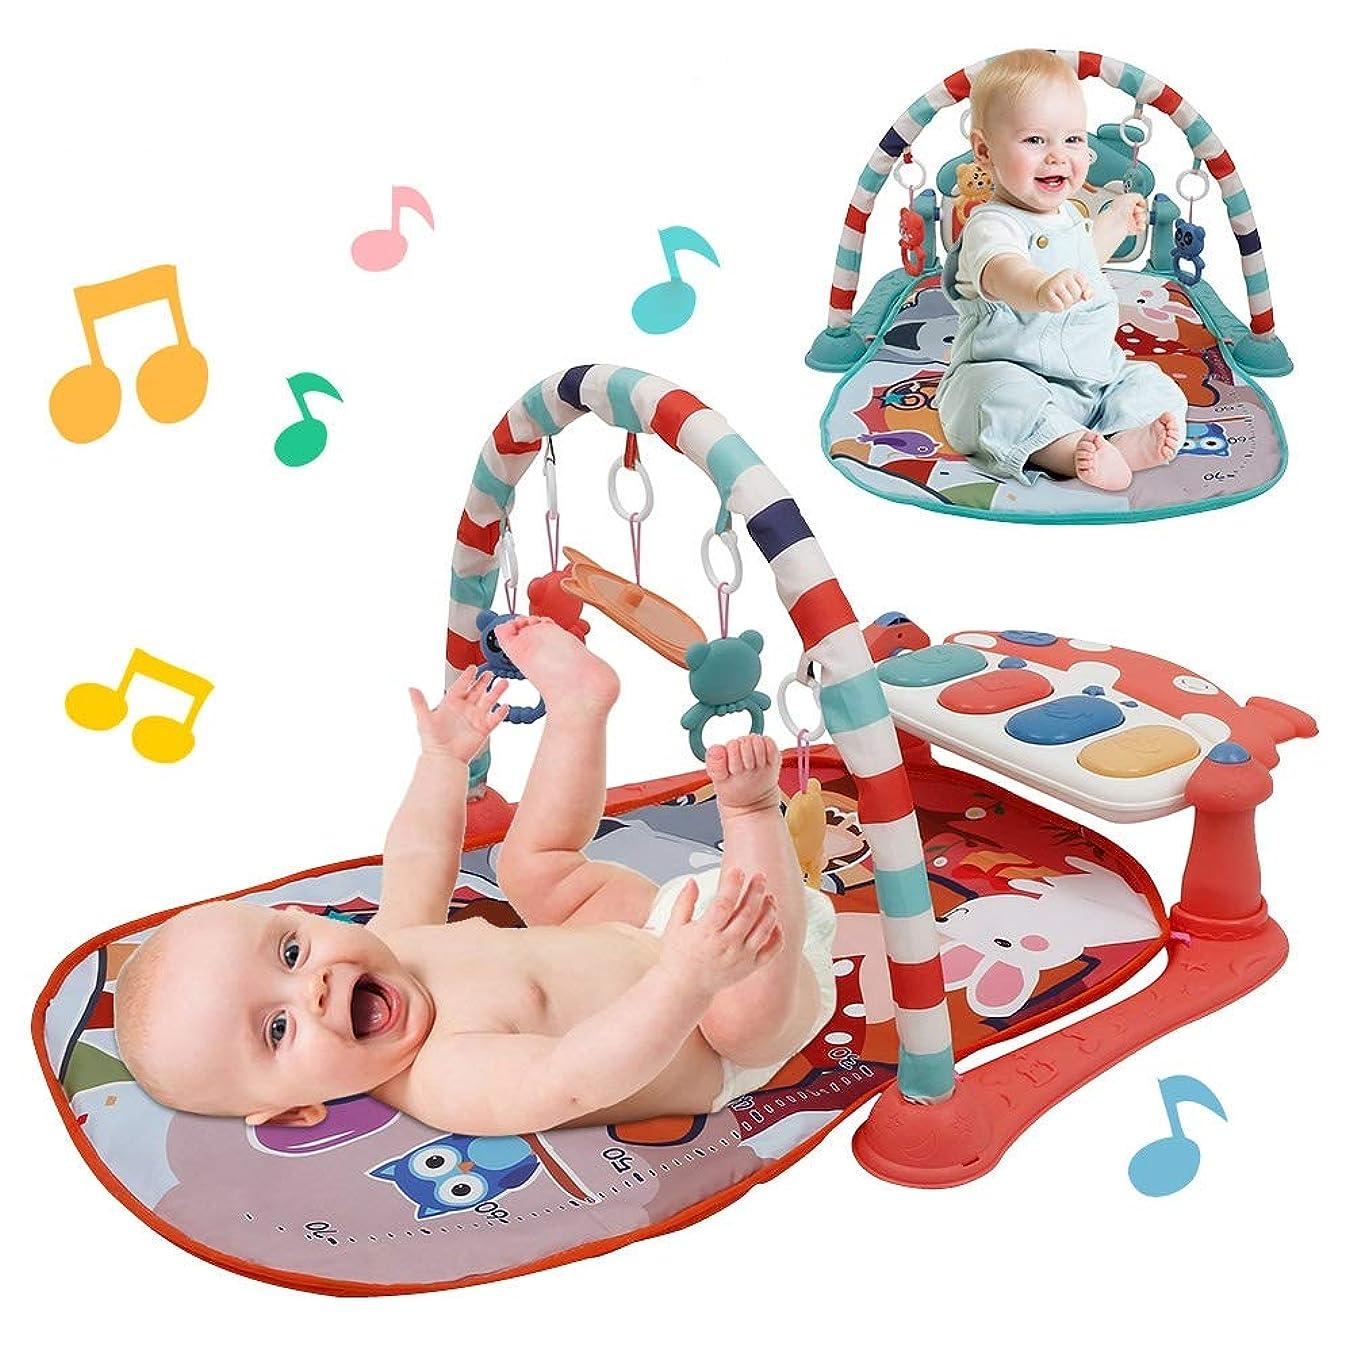 処方する証書掃くSteppiano ベビージム ピアノ デラックスジム ベビープレイマット 音楽おもちゃ 男女共用 快眠 快適 通気 0か月~ 赤ちゃん 幼児 子ども 幼児 ベビー ジム プレイジム プレイマット オレンジレッド